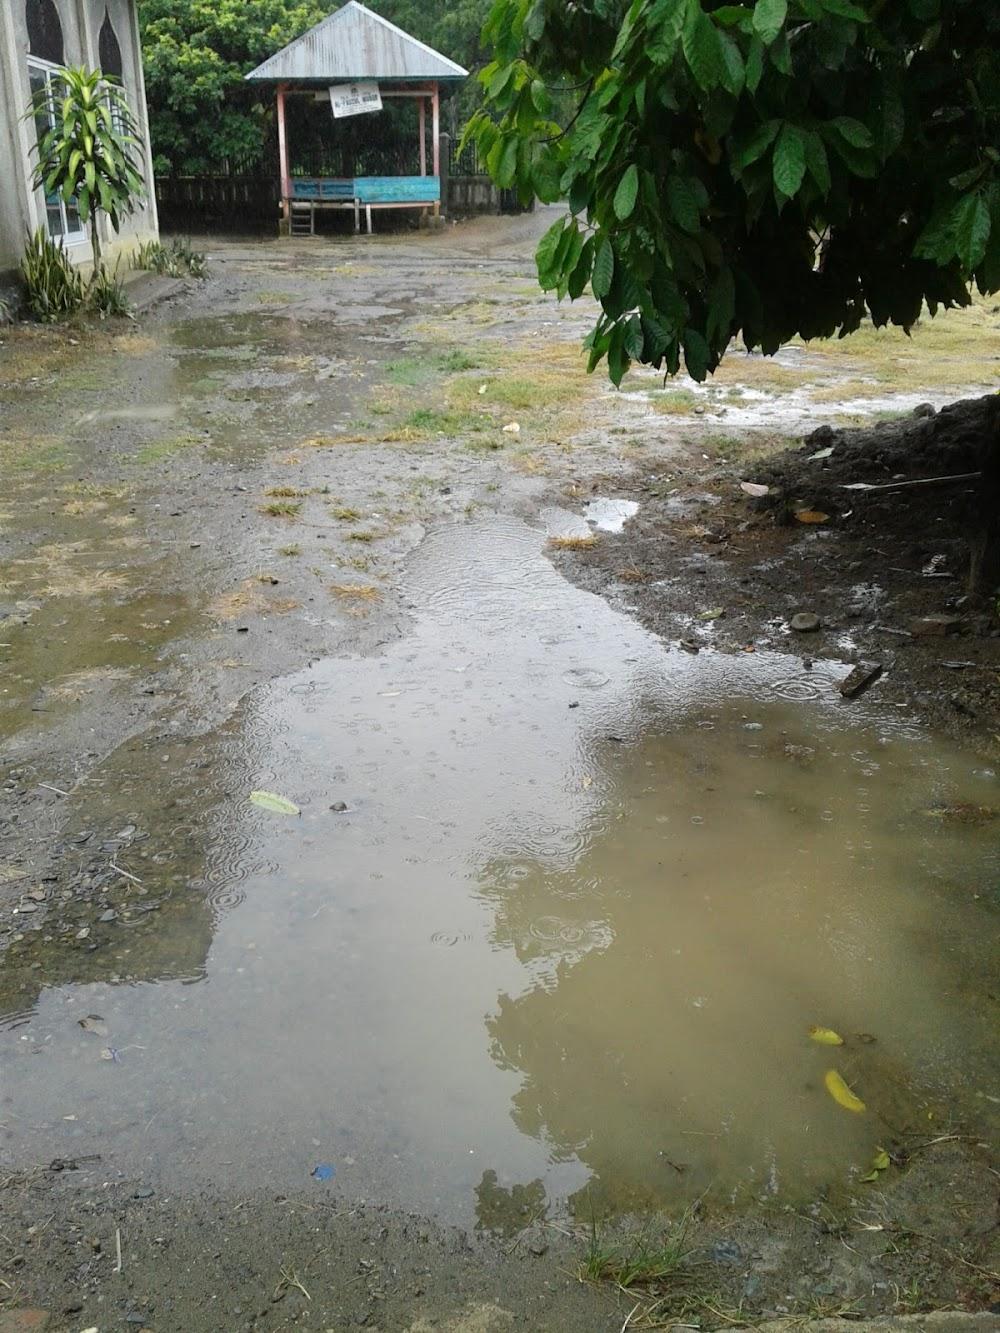 Rumah Sakit Kesdam Iskandar Muda Jl T Angkasa Bendahara Kuta Alam Kota Banda Aceh Aceh 24415 Indonesia